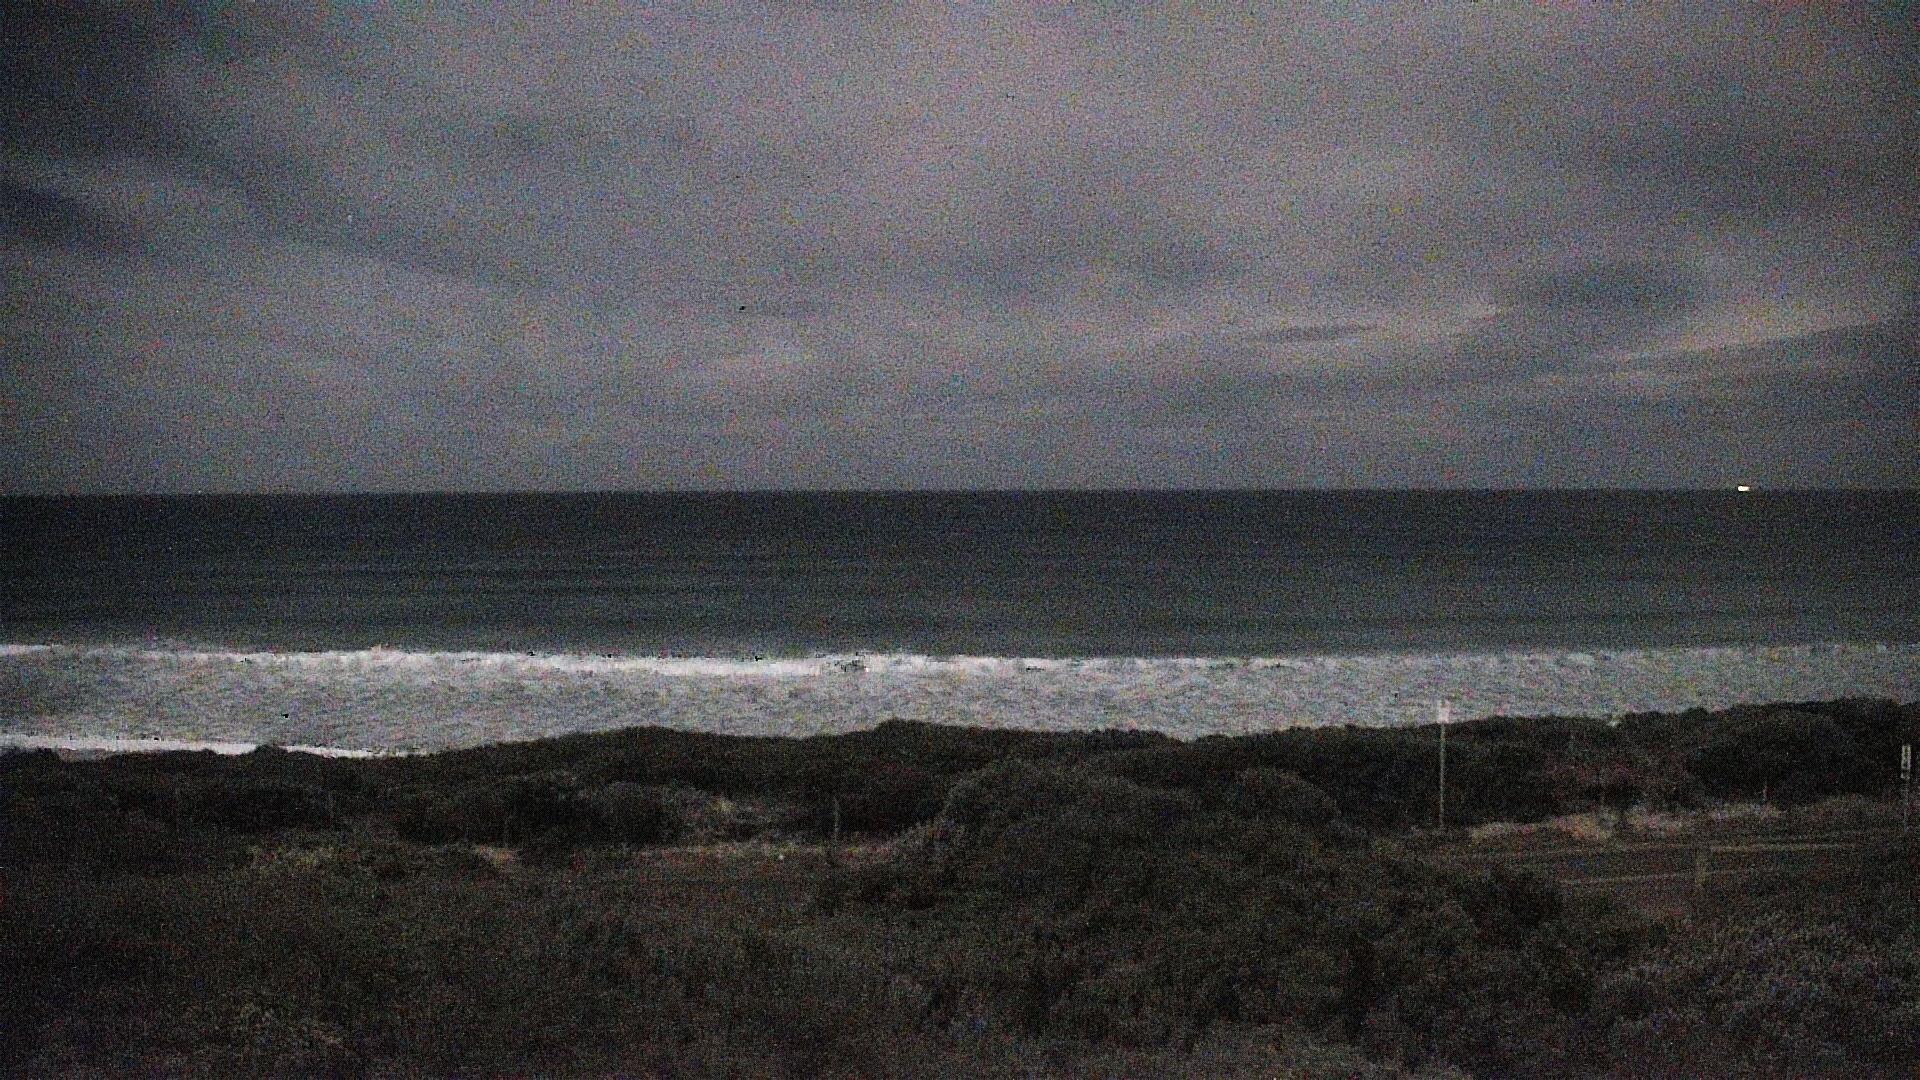 13th Beach surfcam still image